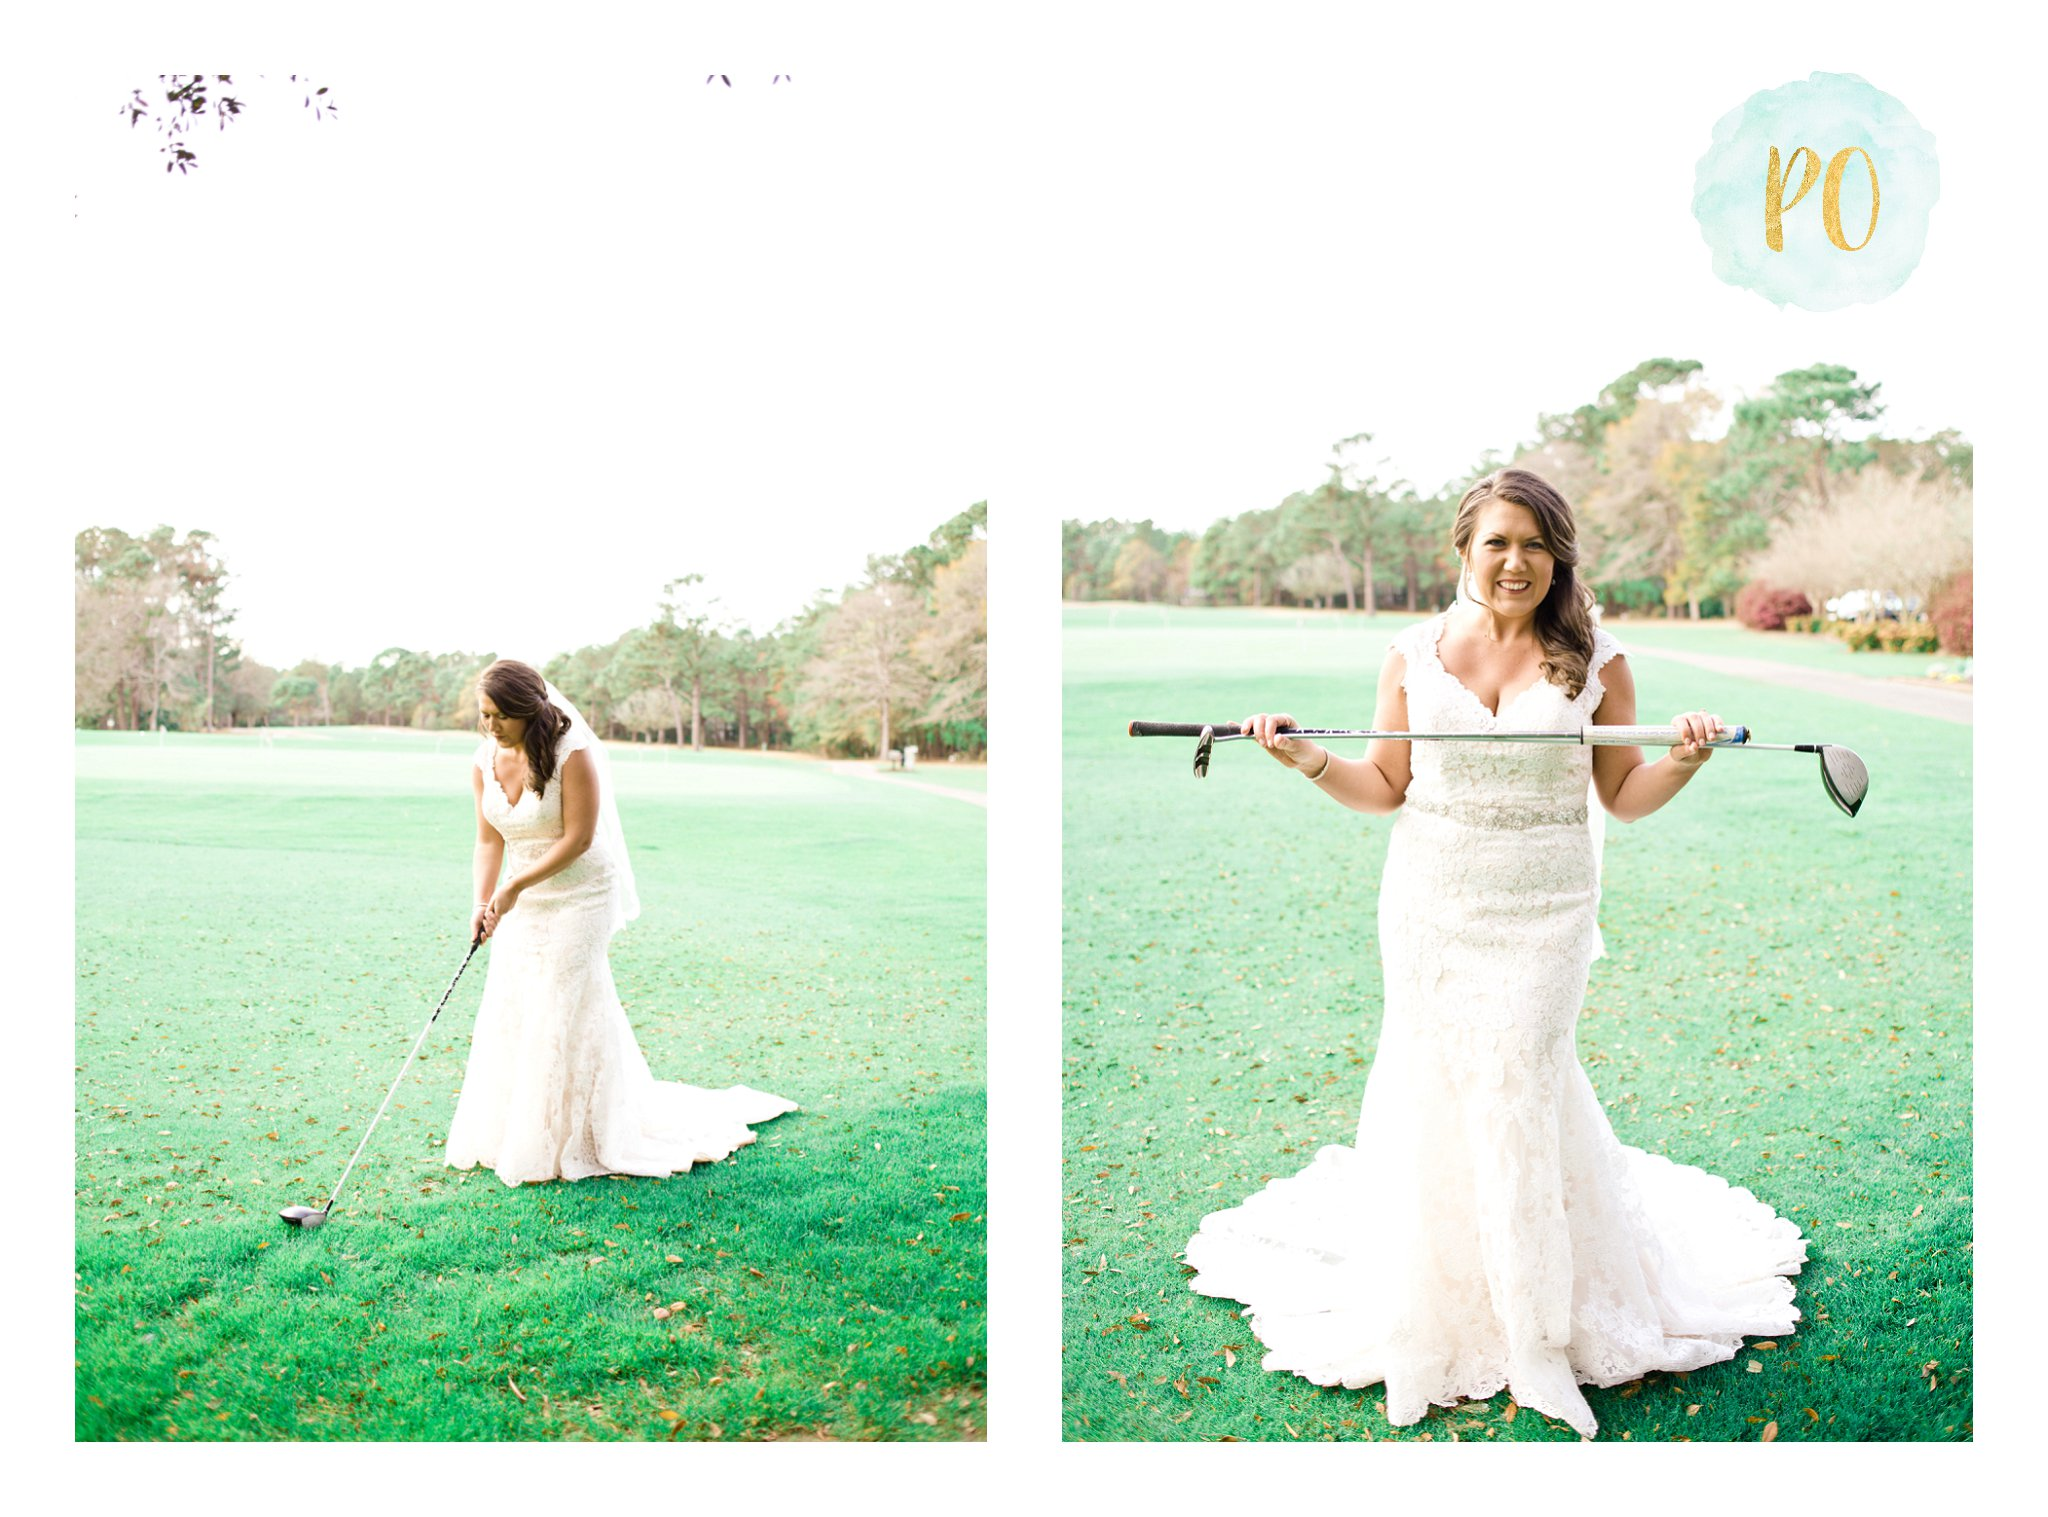 litchfield-golf-country-club-plantation-bridal-pawleys-island-sc-photos_0020.jpg